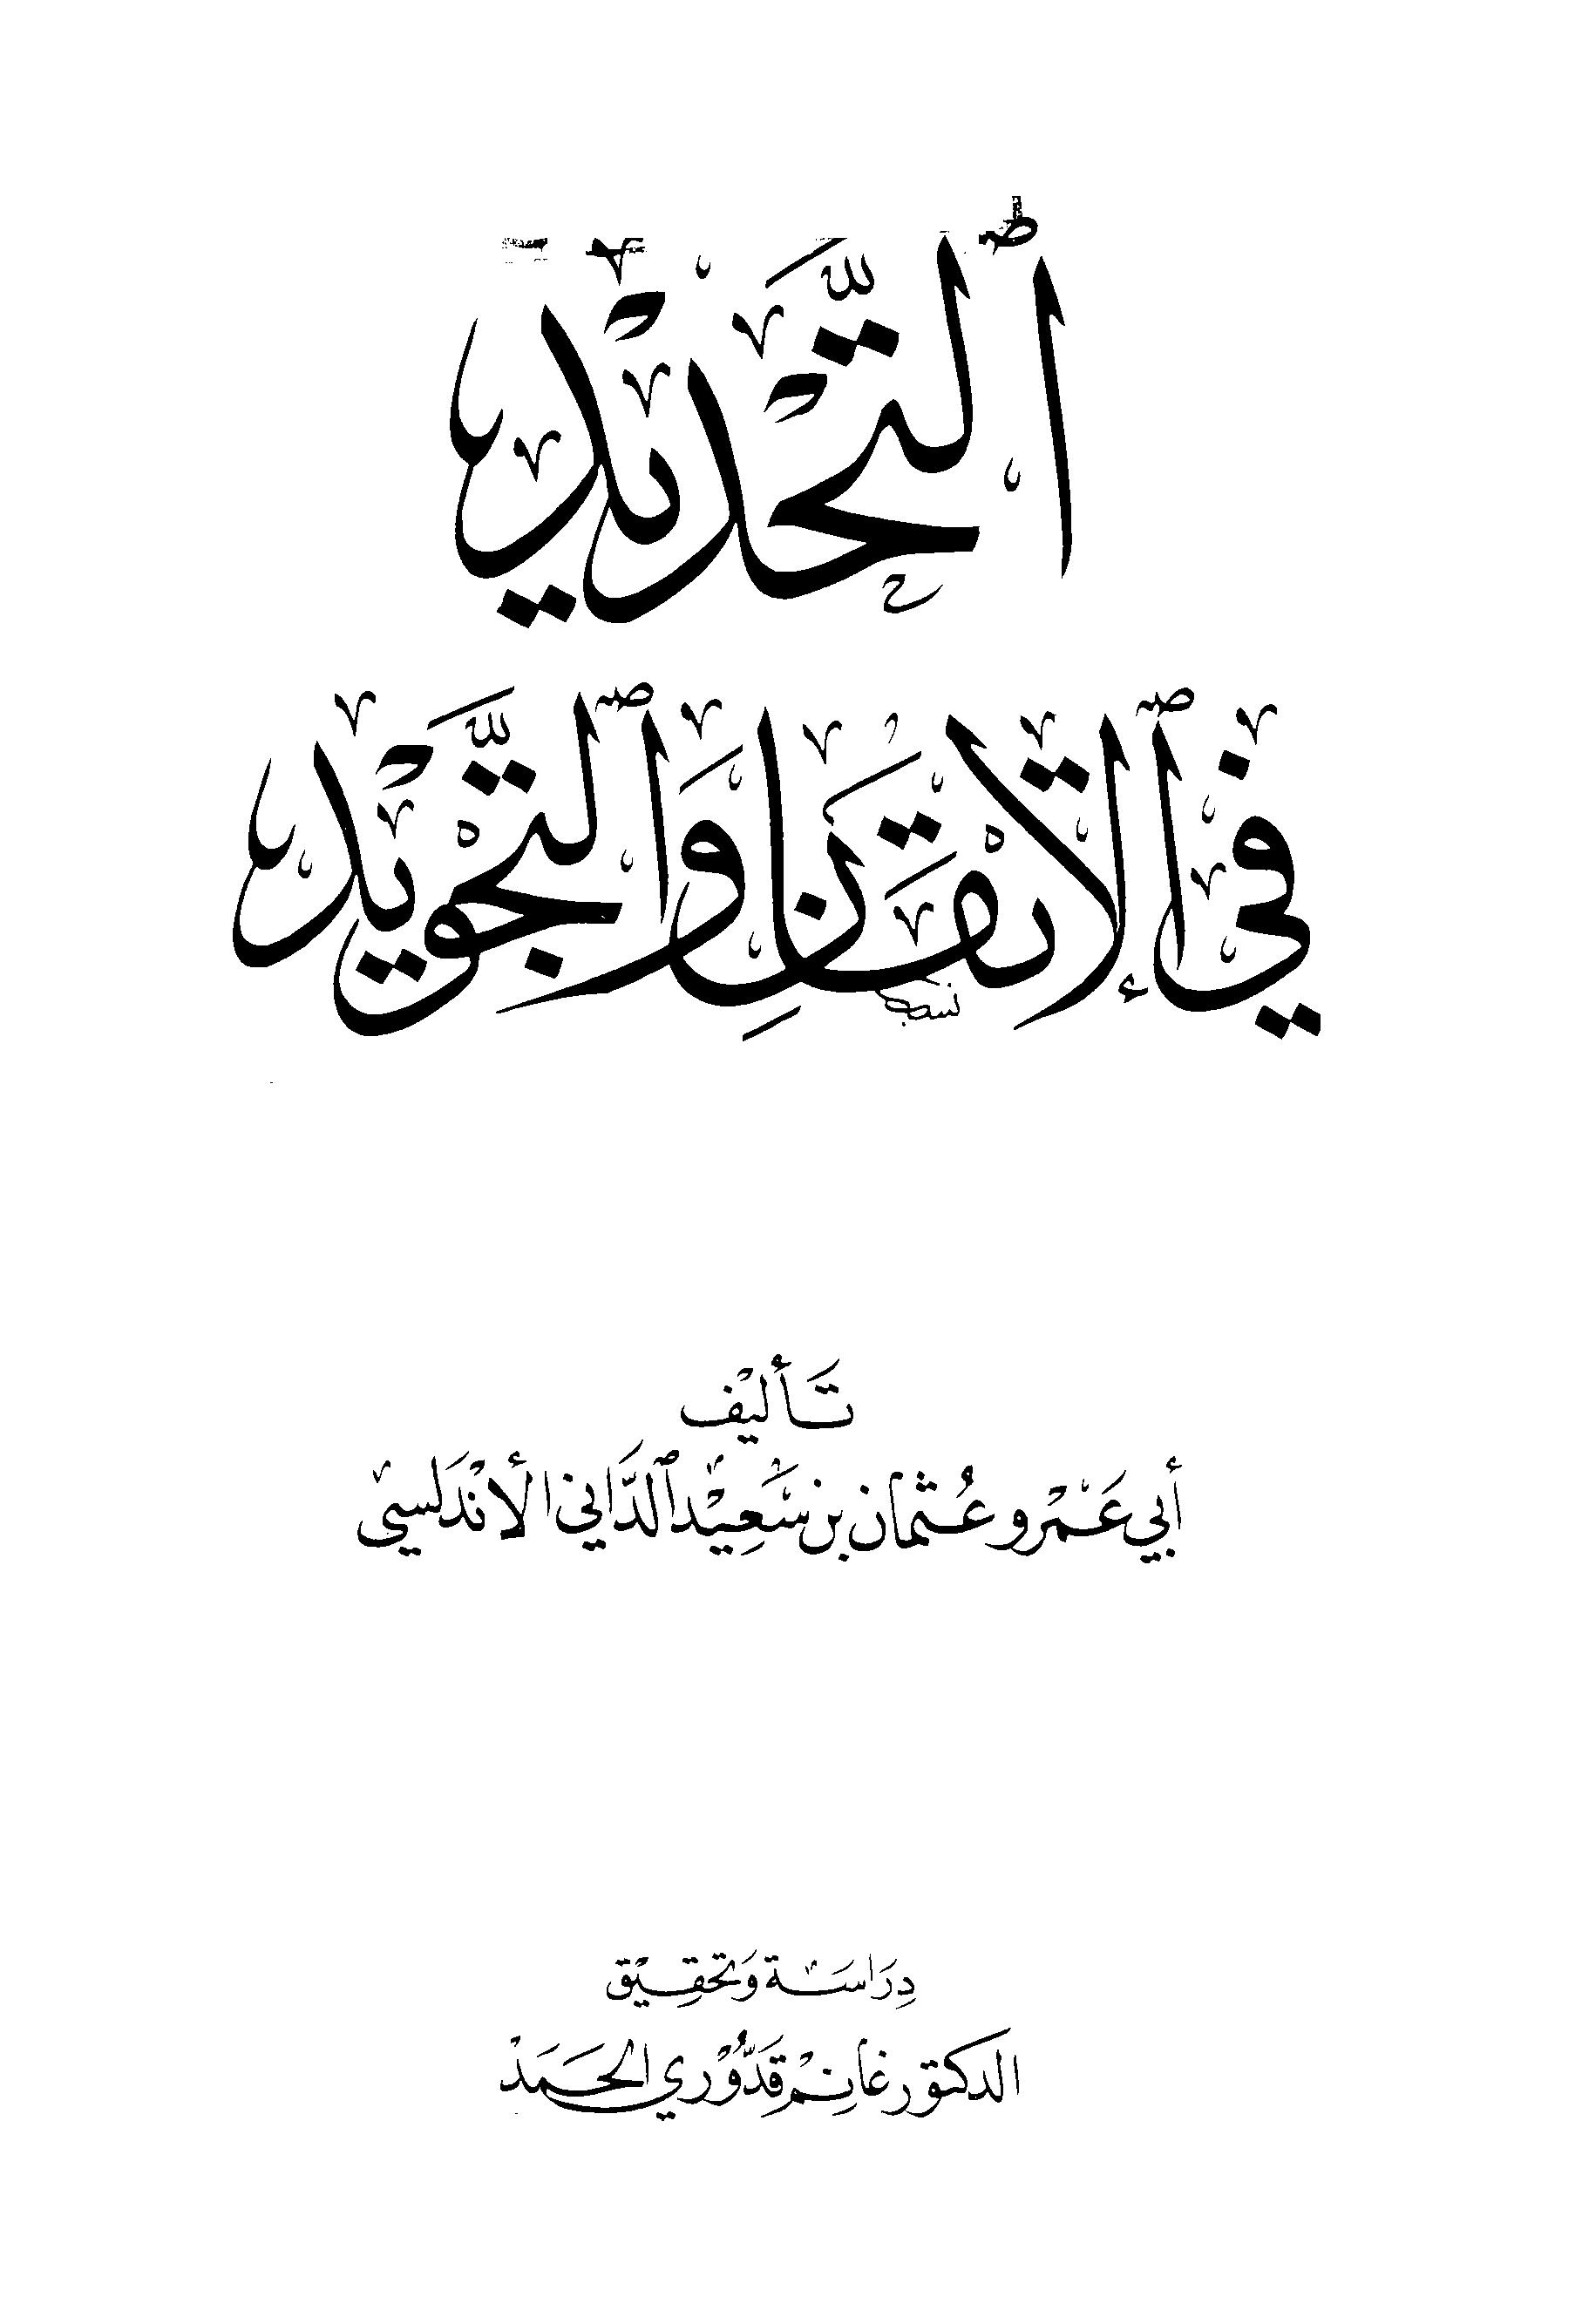 تحميل كتاب التحديد في الإتقان والتجويد لـِ: الإمام أبو عمرو عثمان بن سعيد بن عثمان بن عمر الداني (ت 444)